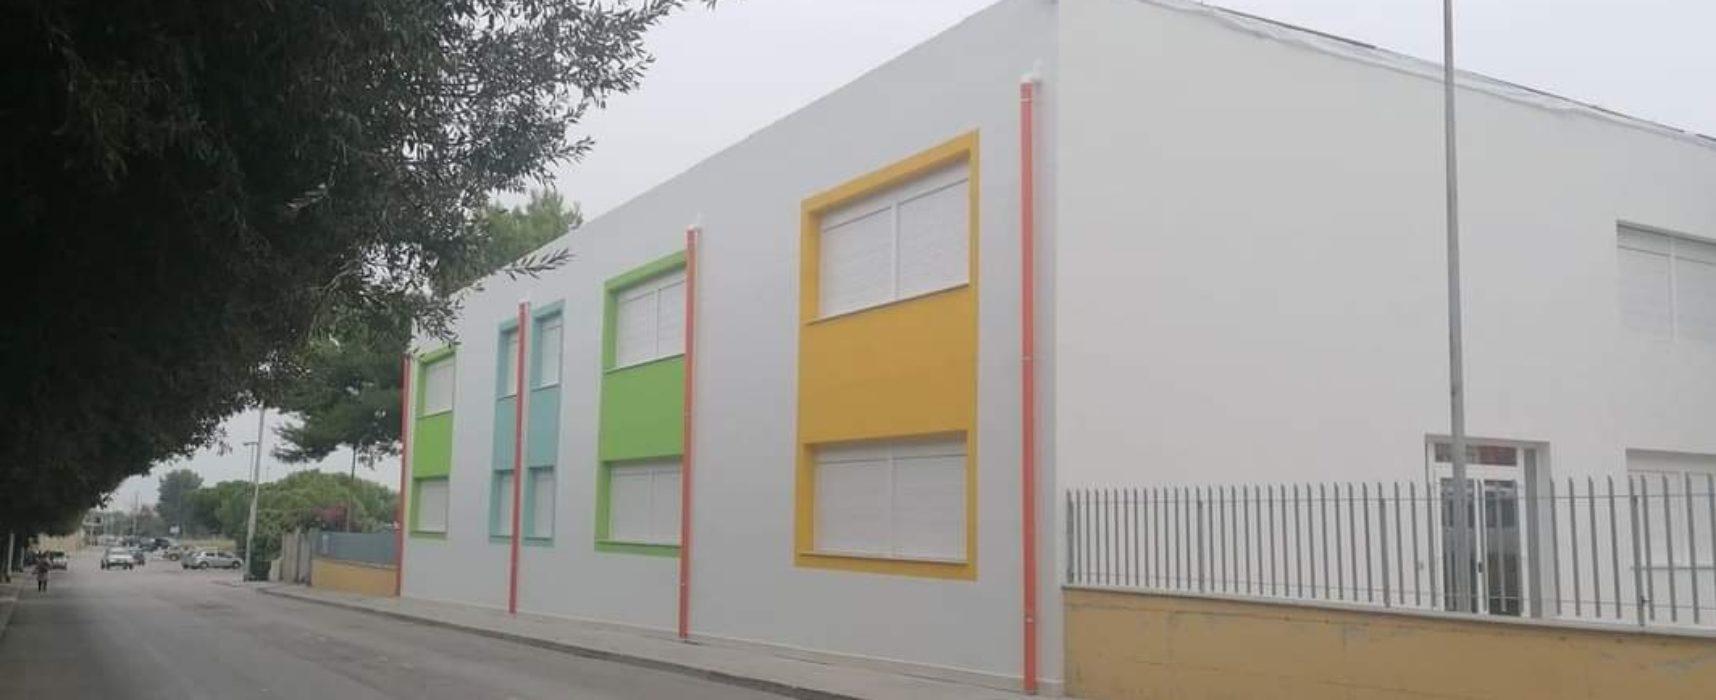 """Interventi di manutenzione, Angarano: """"Continuiamo a migliorare le scuole"""""""